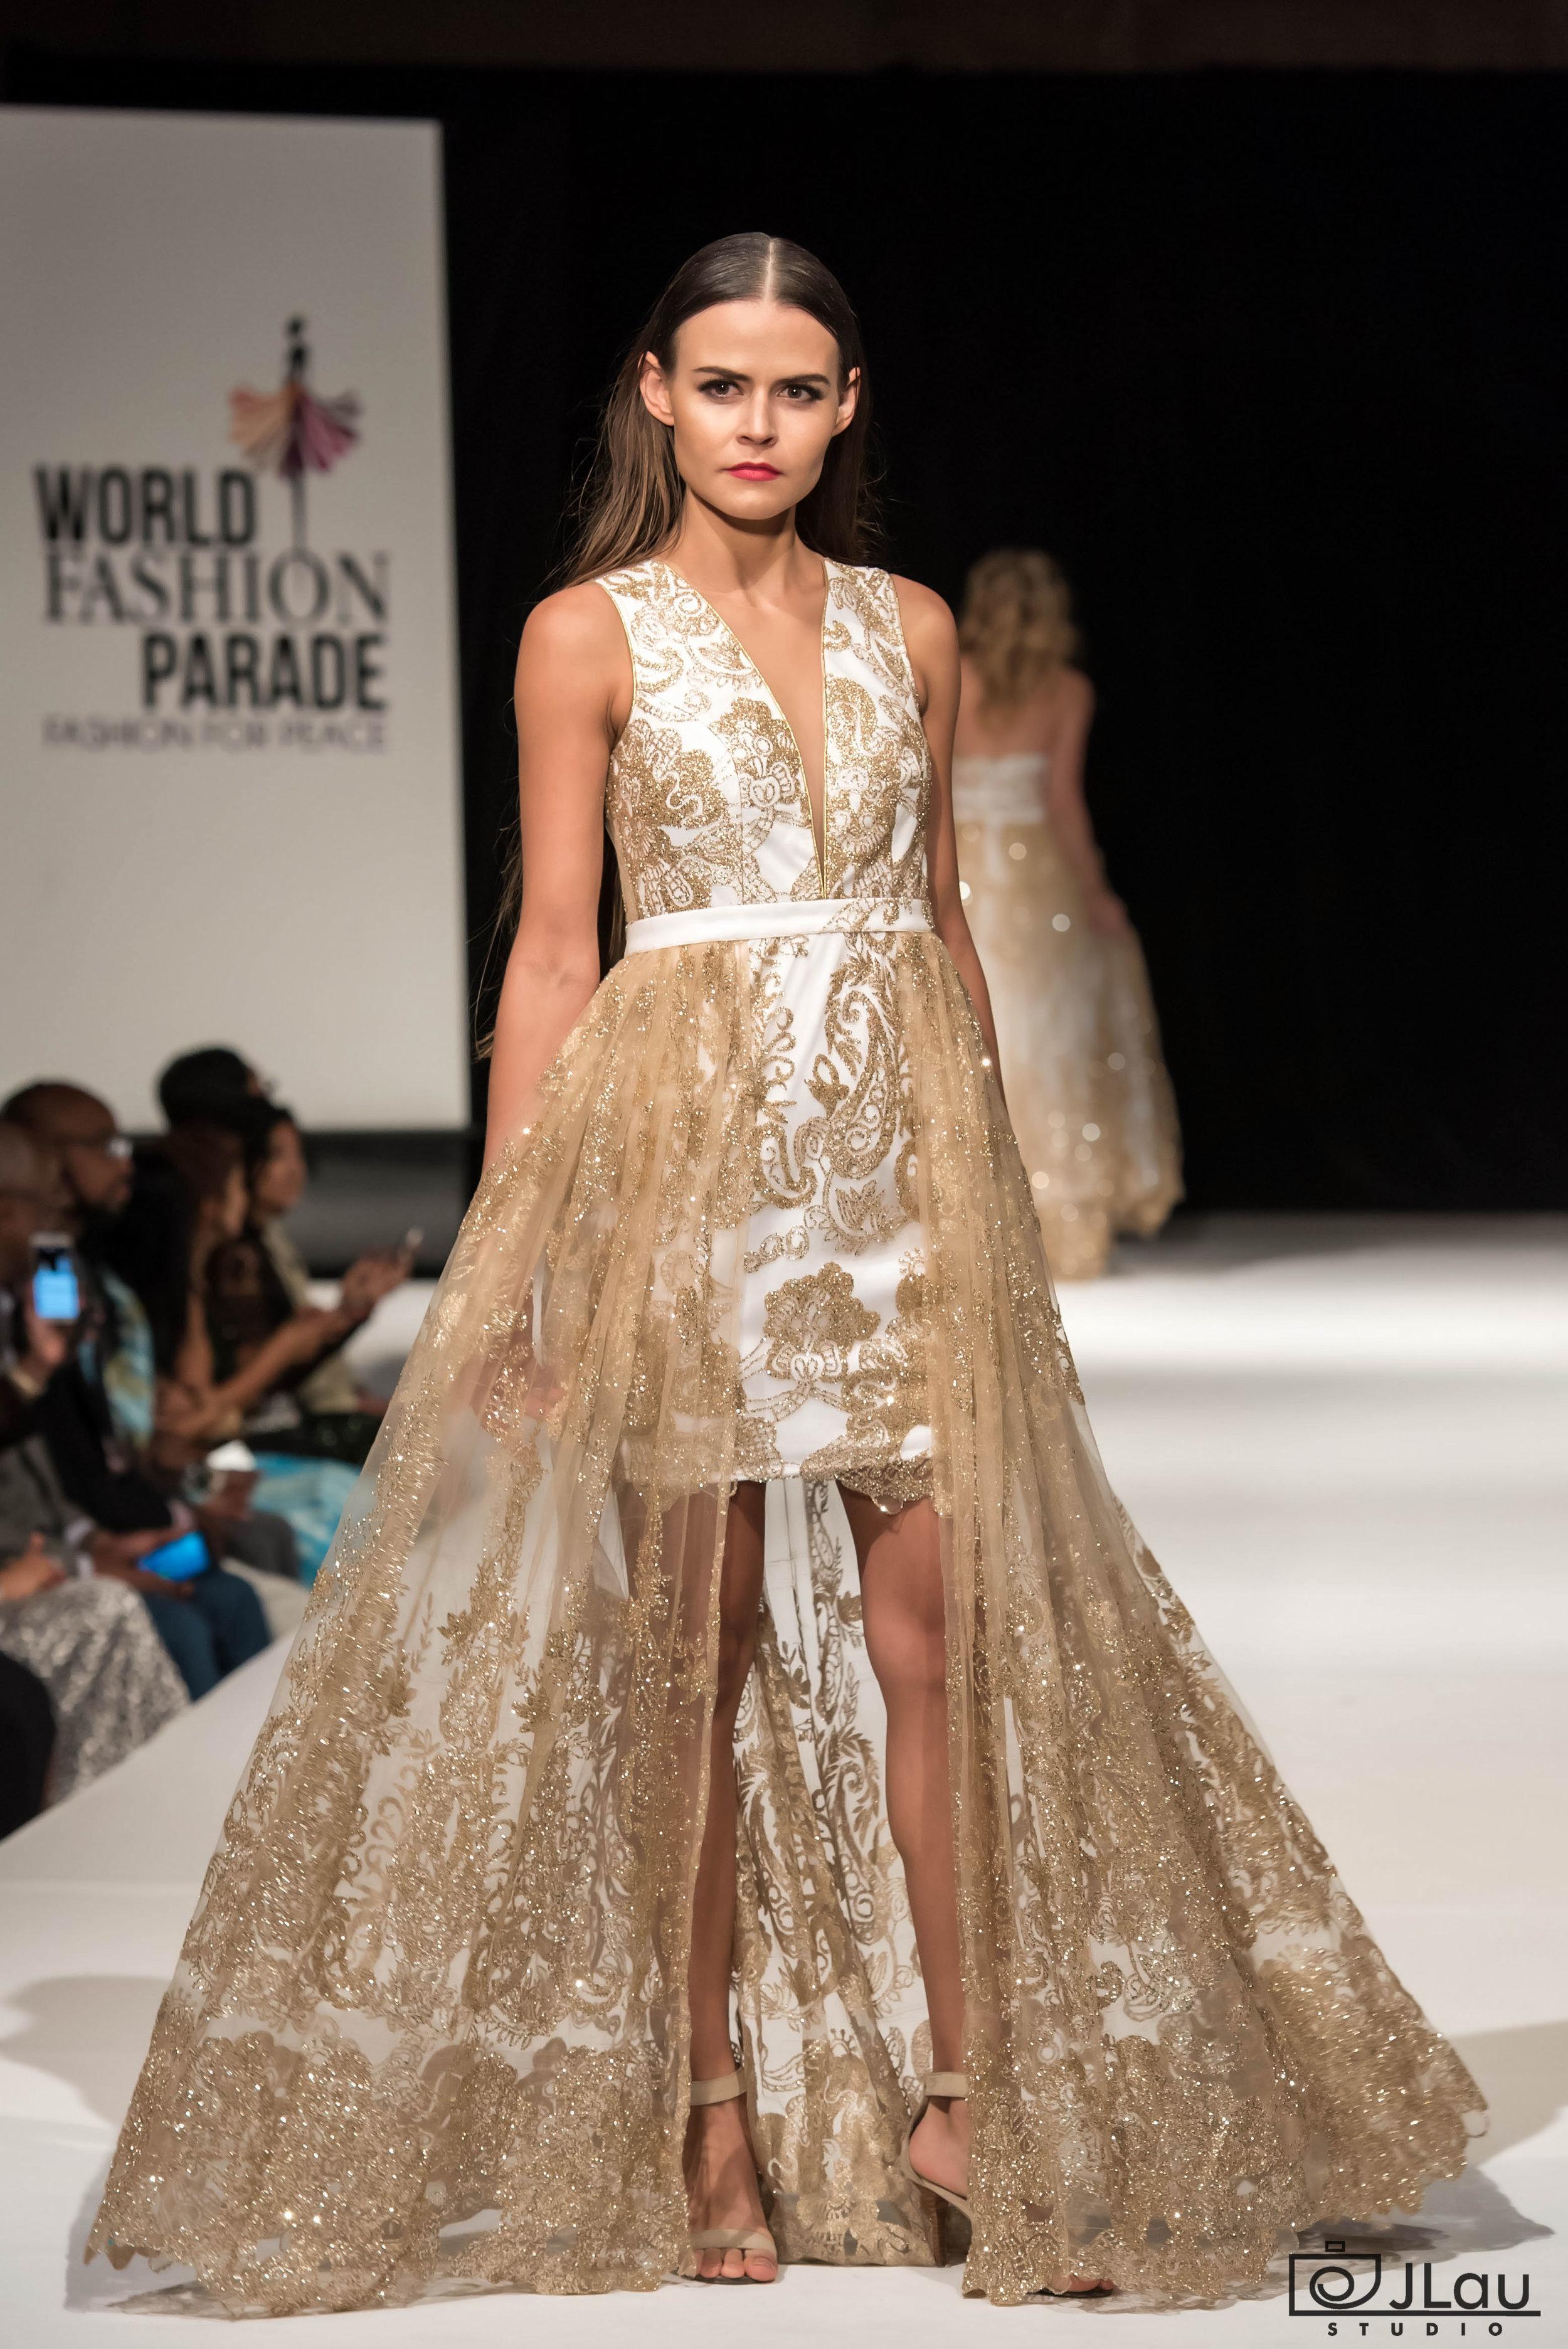 World Fashion Parade Designer: Red Velvet